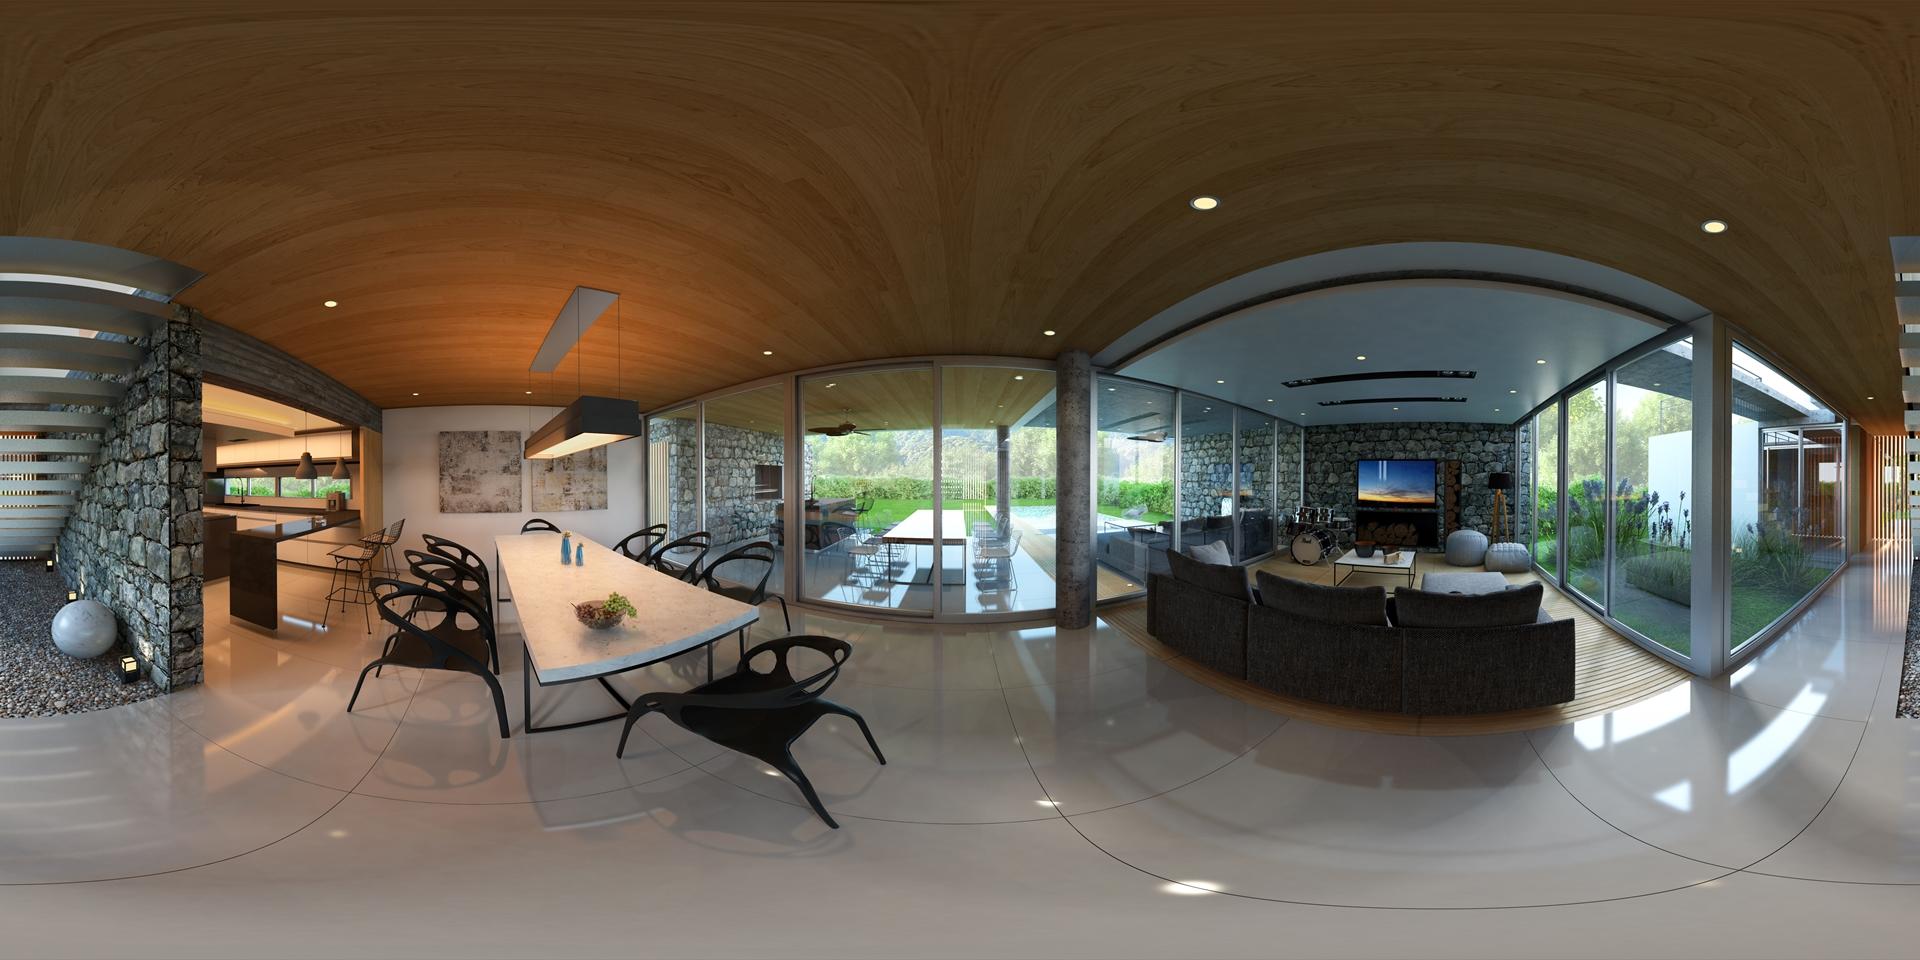 360 Panorama (Copy)